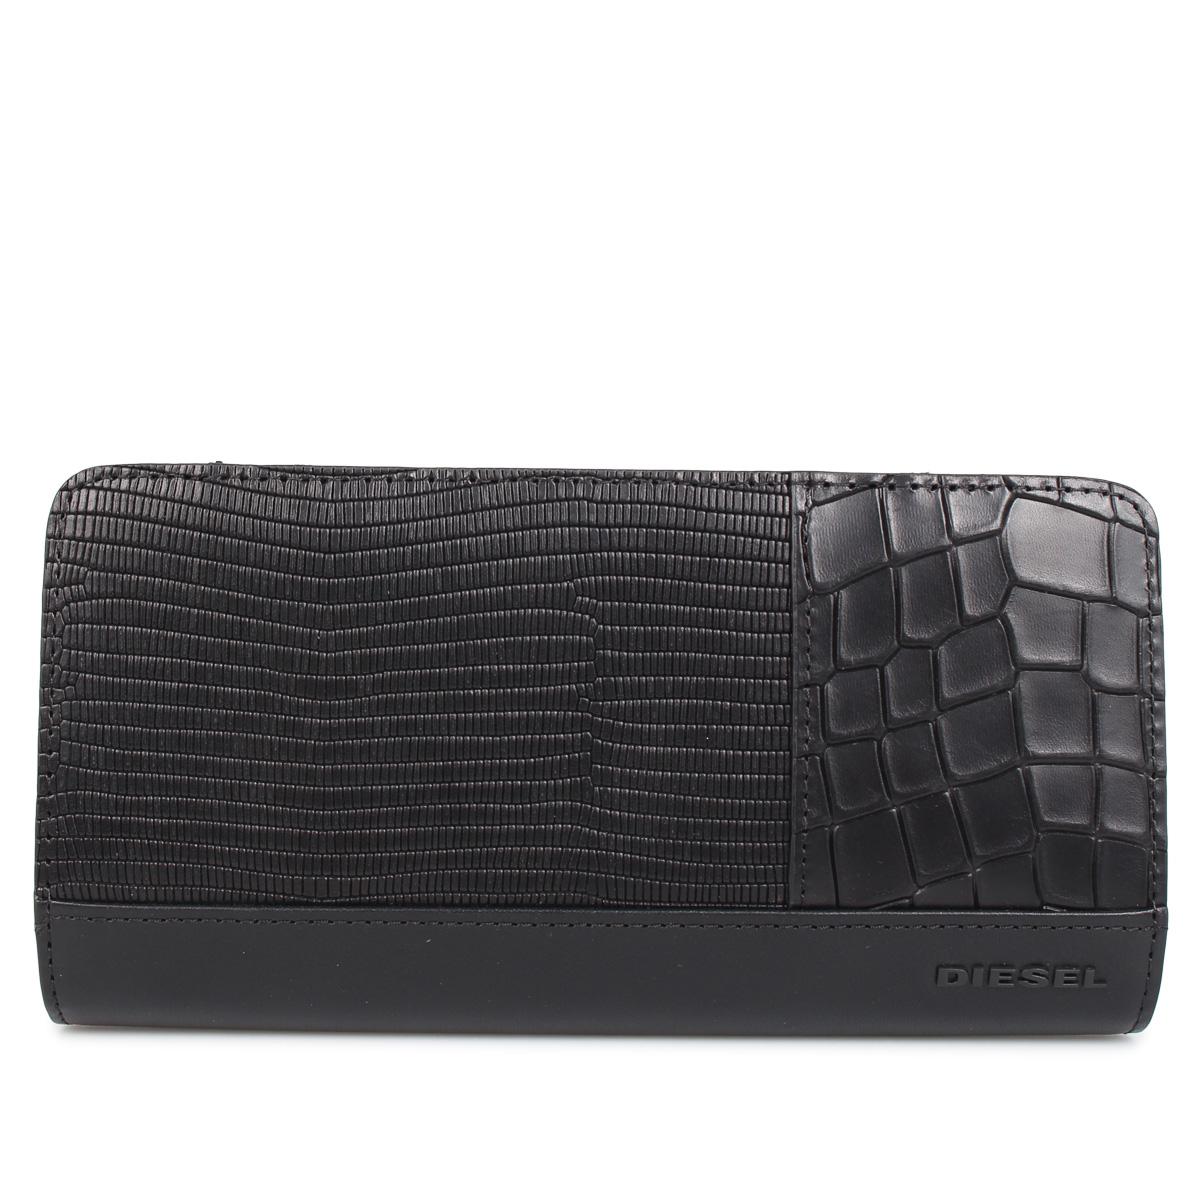 DIESEL V-24 ZIP ディーゼル 財布 長財布 メンズ L字ファスナー ブラック 黒 X06766-P2392